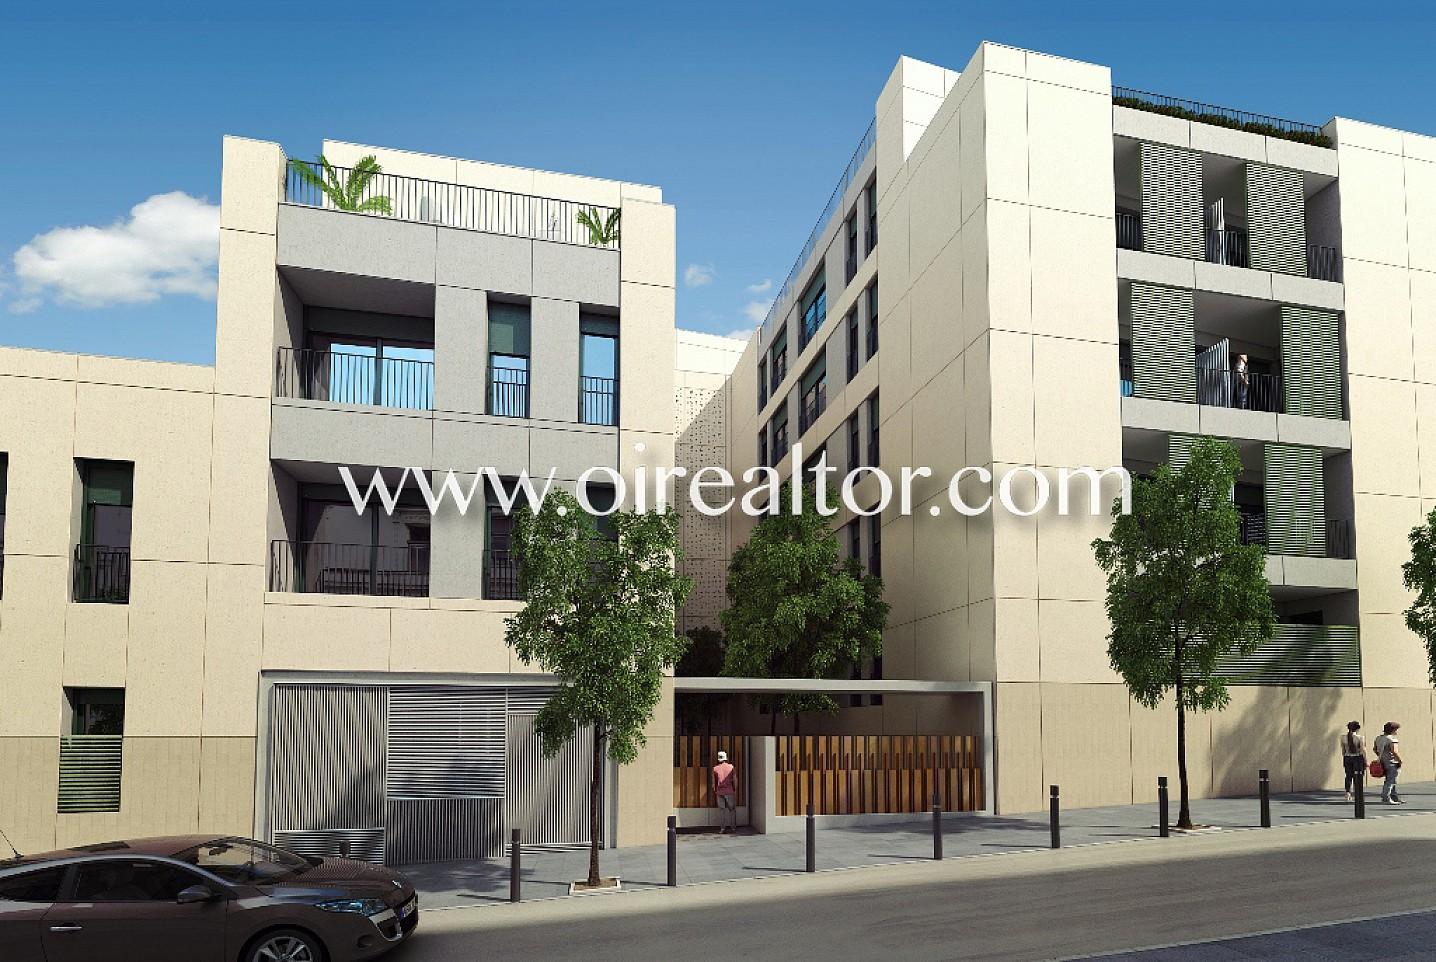 Amplio piso de obra nueva en gracia barcelona oi realtor - Pisos en barcelona obra nueva ...